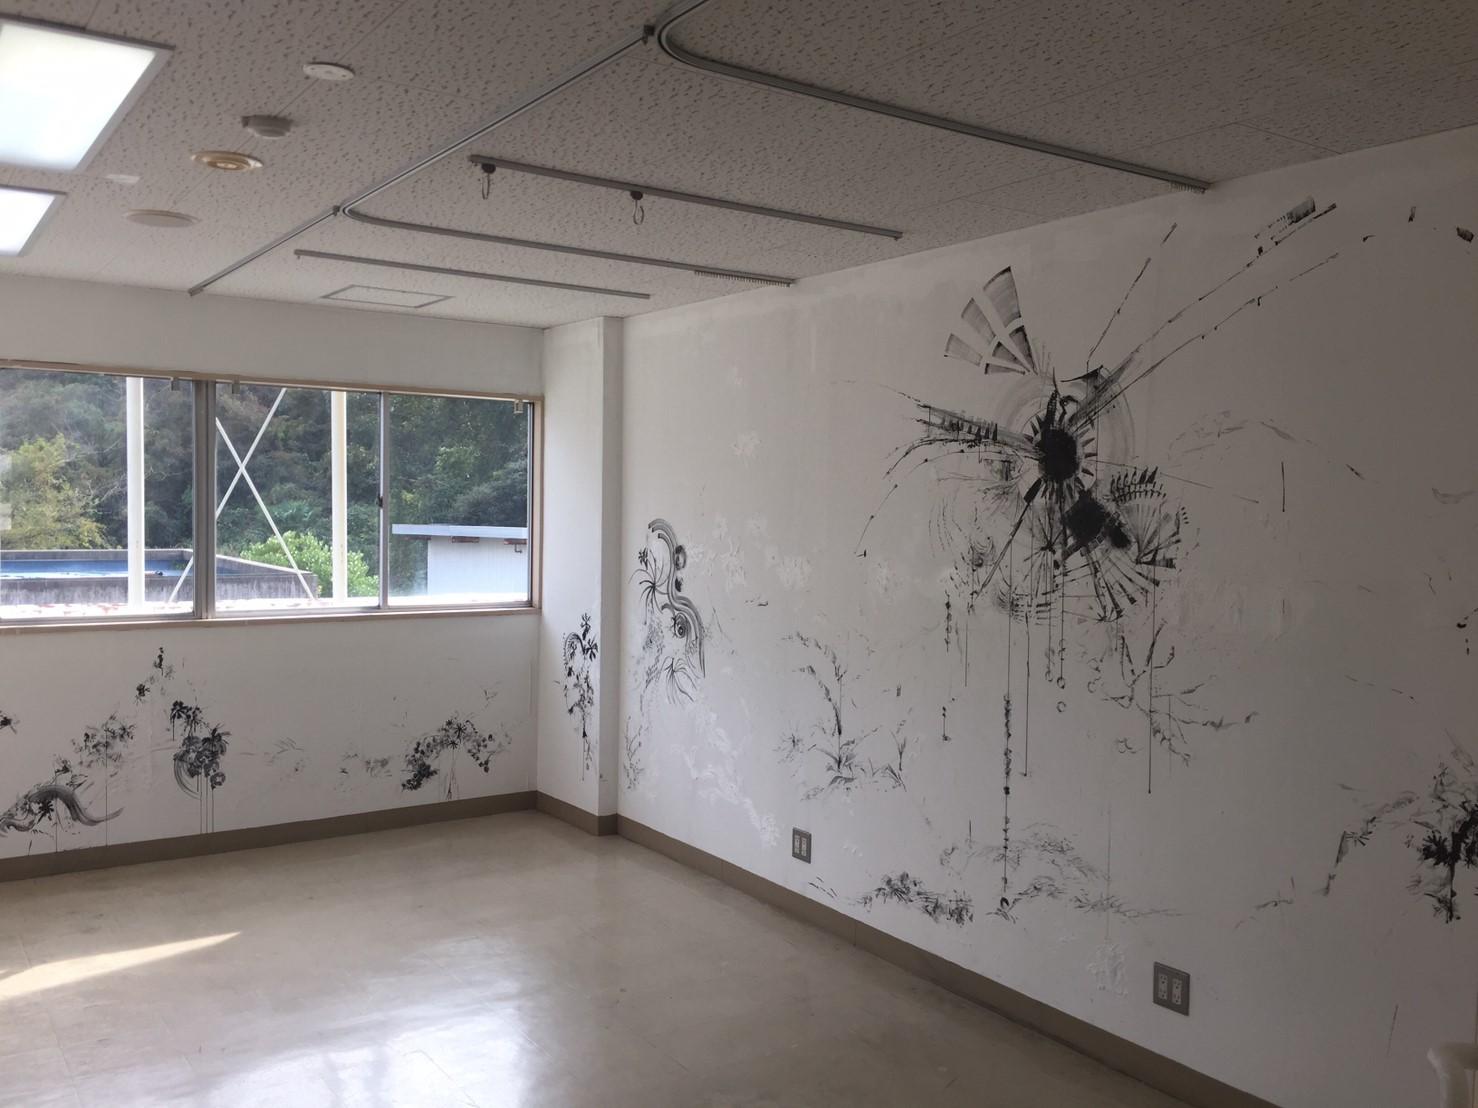 岩美現代美術展 2019_e0115904_01475798.jpg